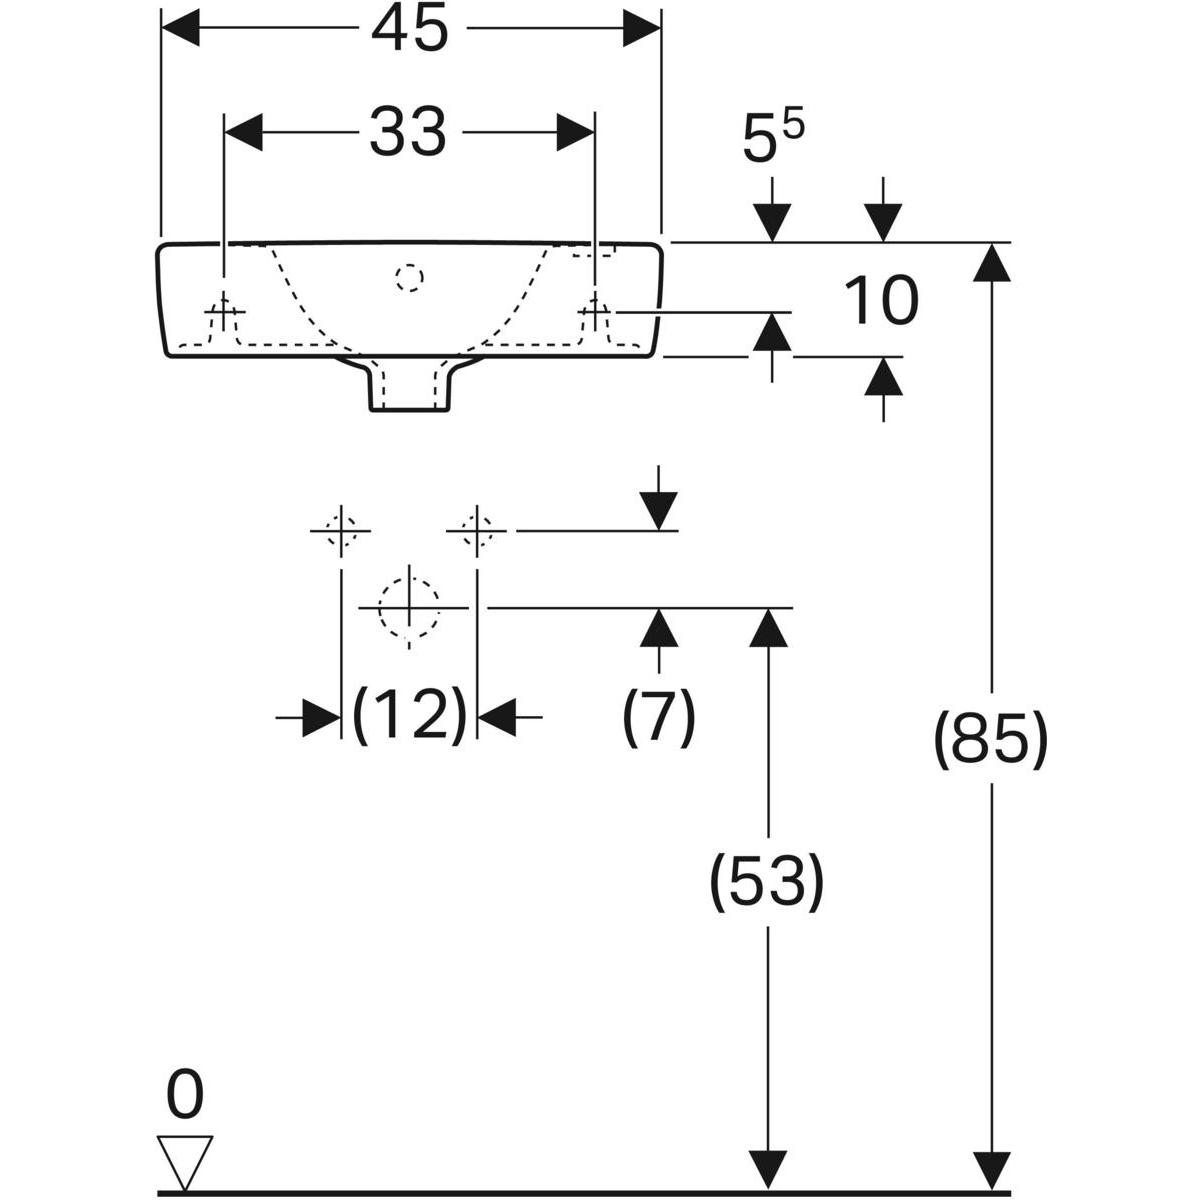 Geberit Renova Compact fontein 45x25 cm, met kraangat rechts en overloop, wit